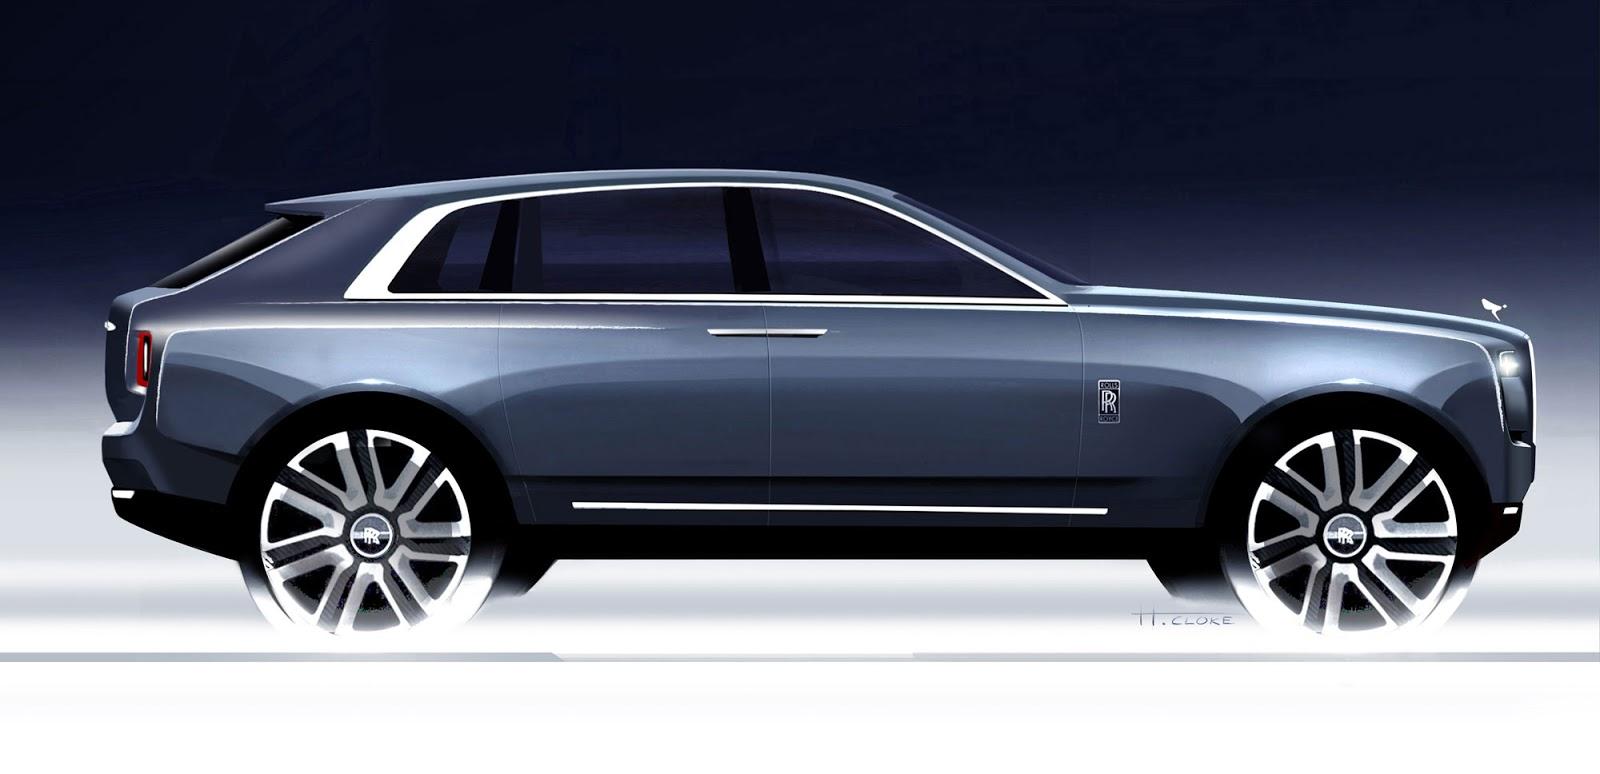 Rolls-Royce Cullinan side view sketch by Henry Cloke